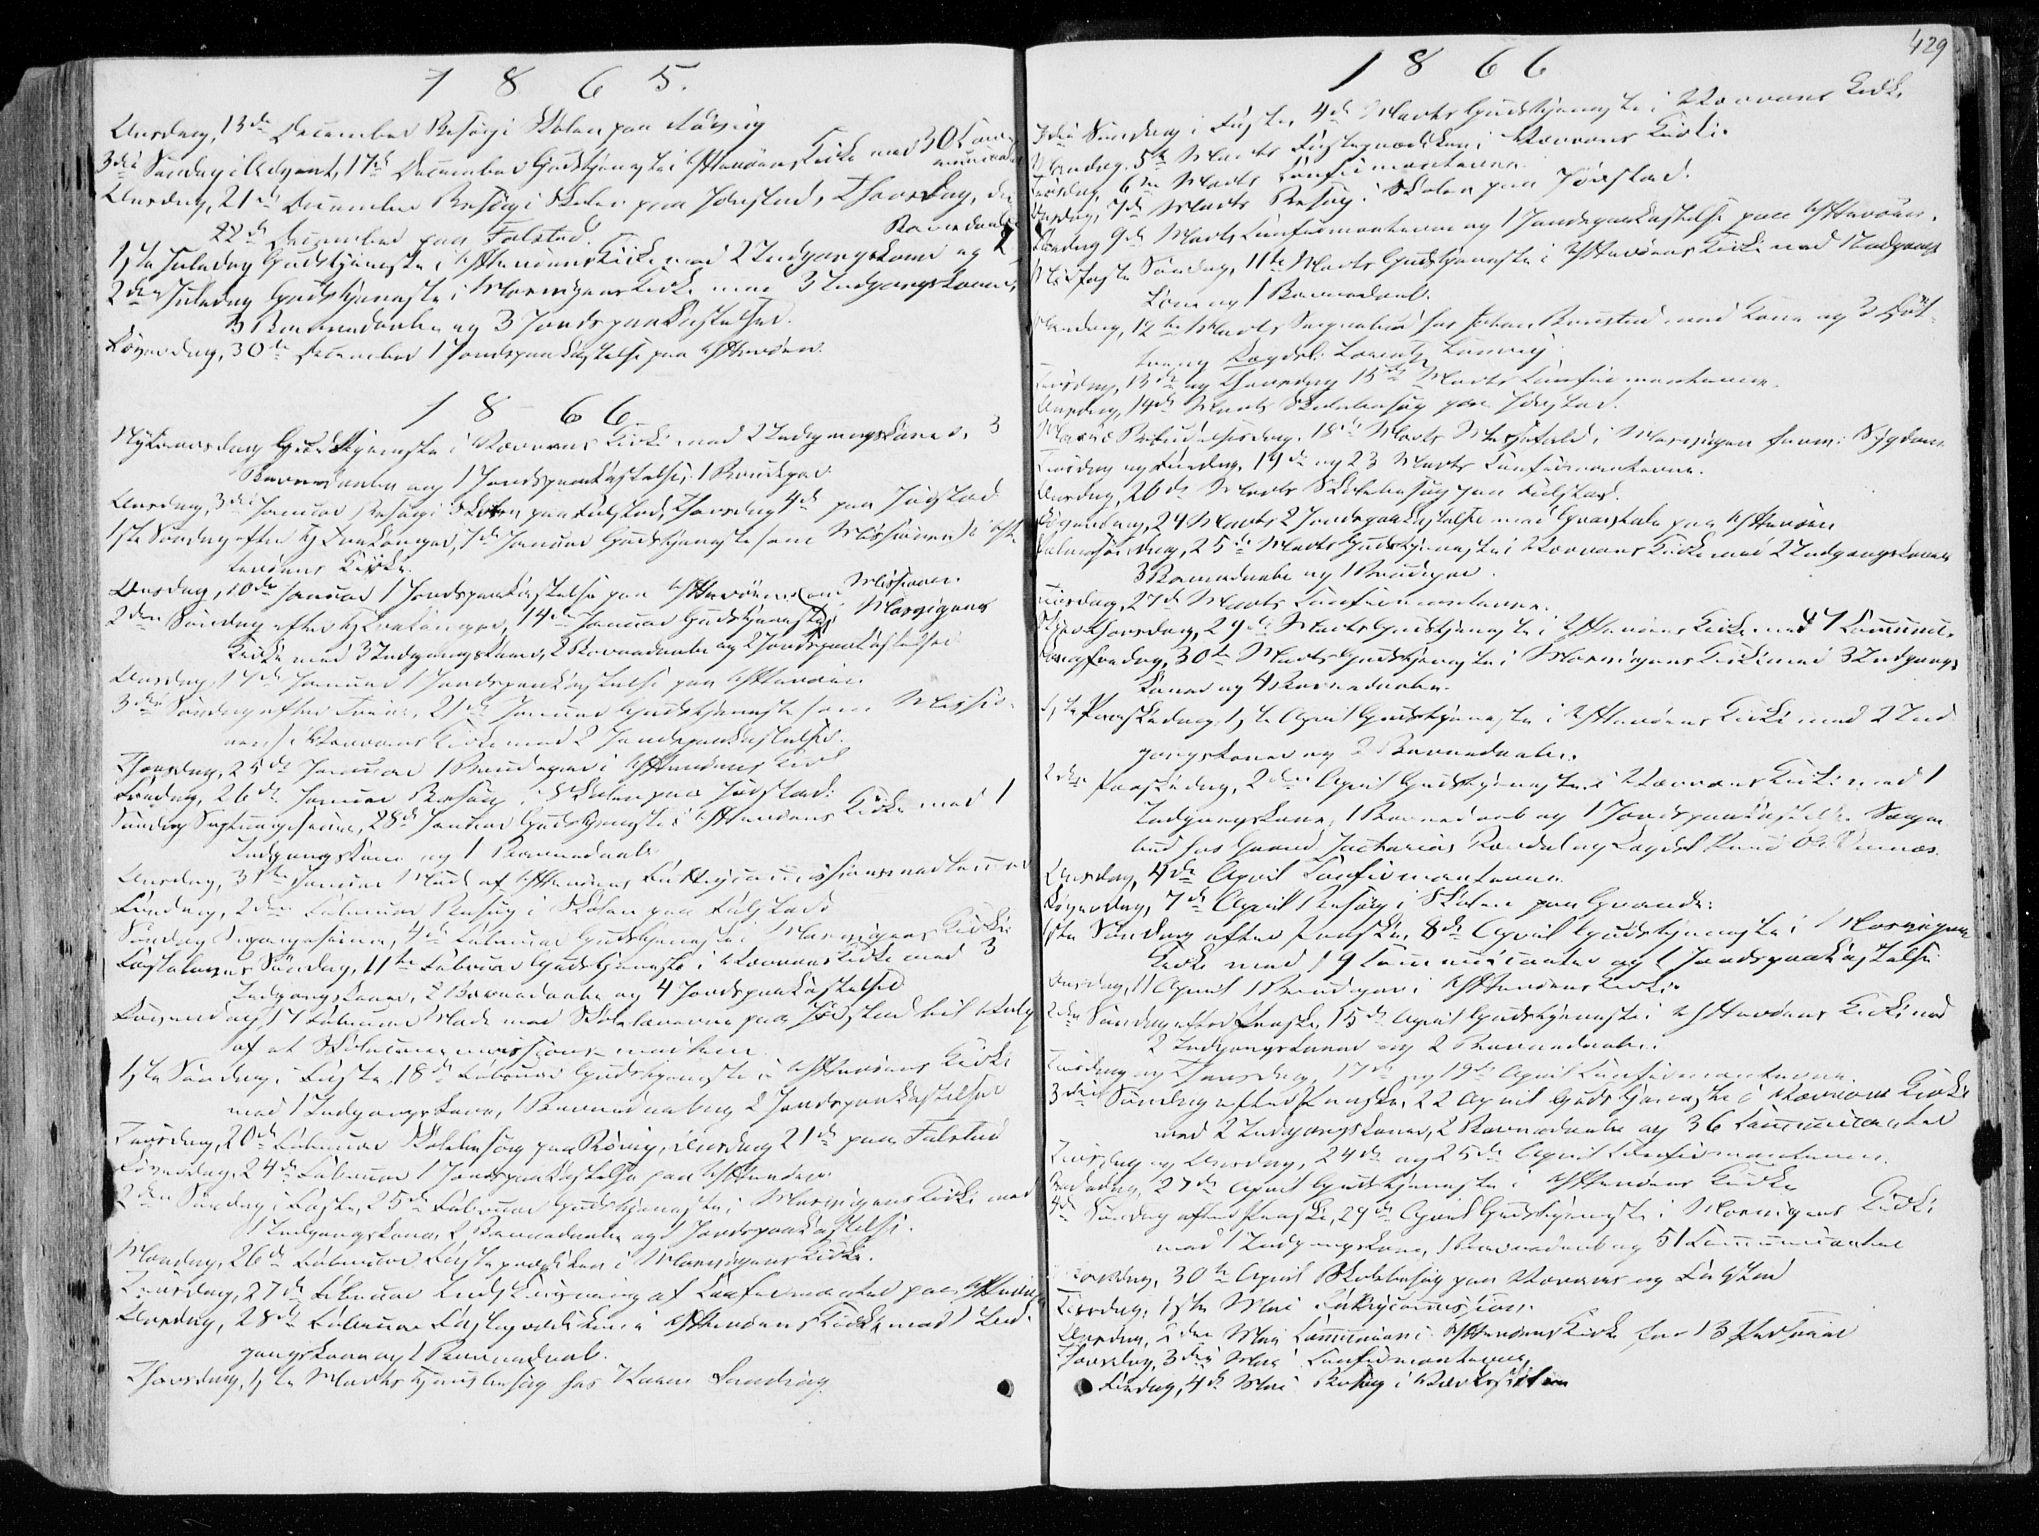 SAT, Ministerialprotokoller, klokkerbøker og fødselsregistre - Nord-Trøndelag, 722/L0218: Ministerialbok nr. 722A05, 1843-1868, s. 429